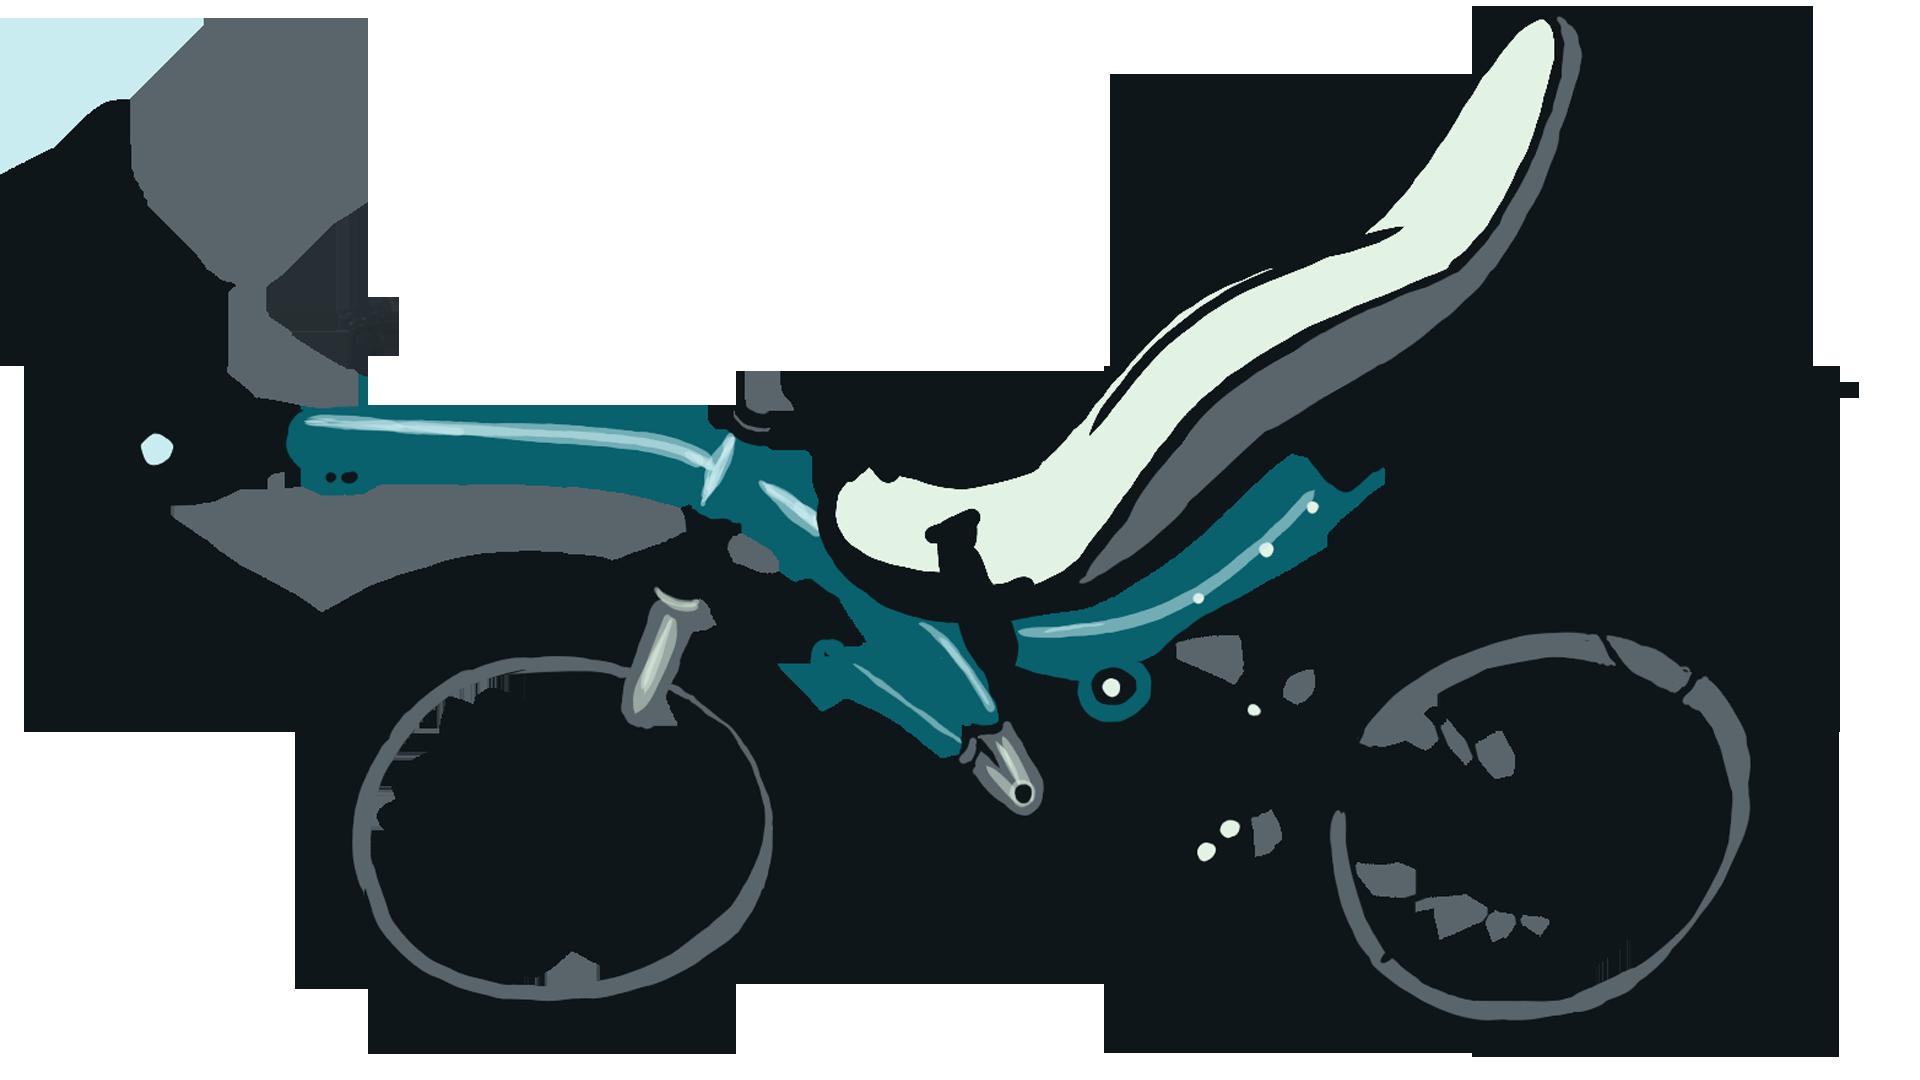 Fahrrad mit hinten zwei Rädern, liegende Sitzhaltung.